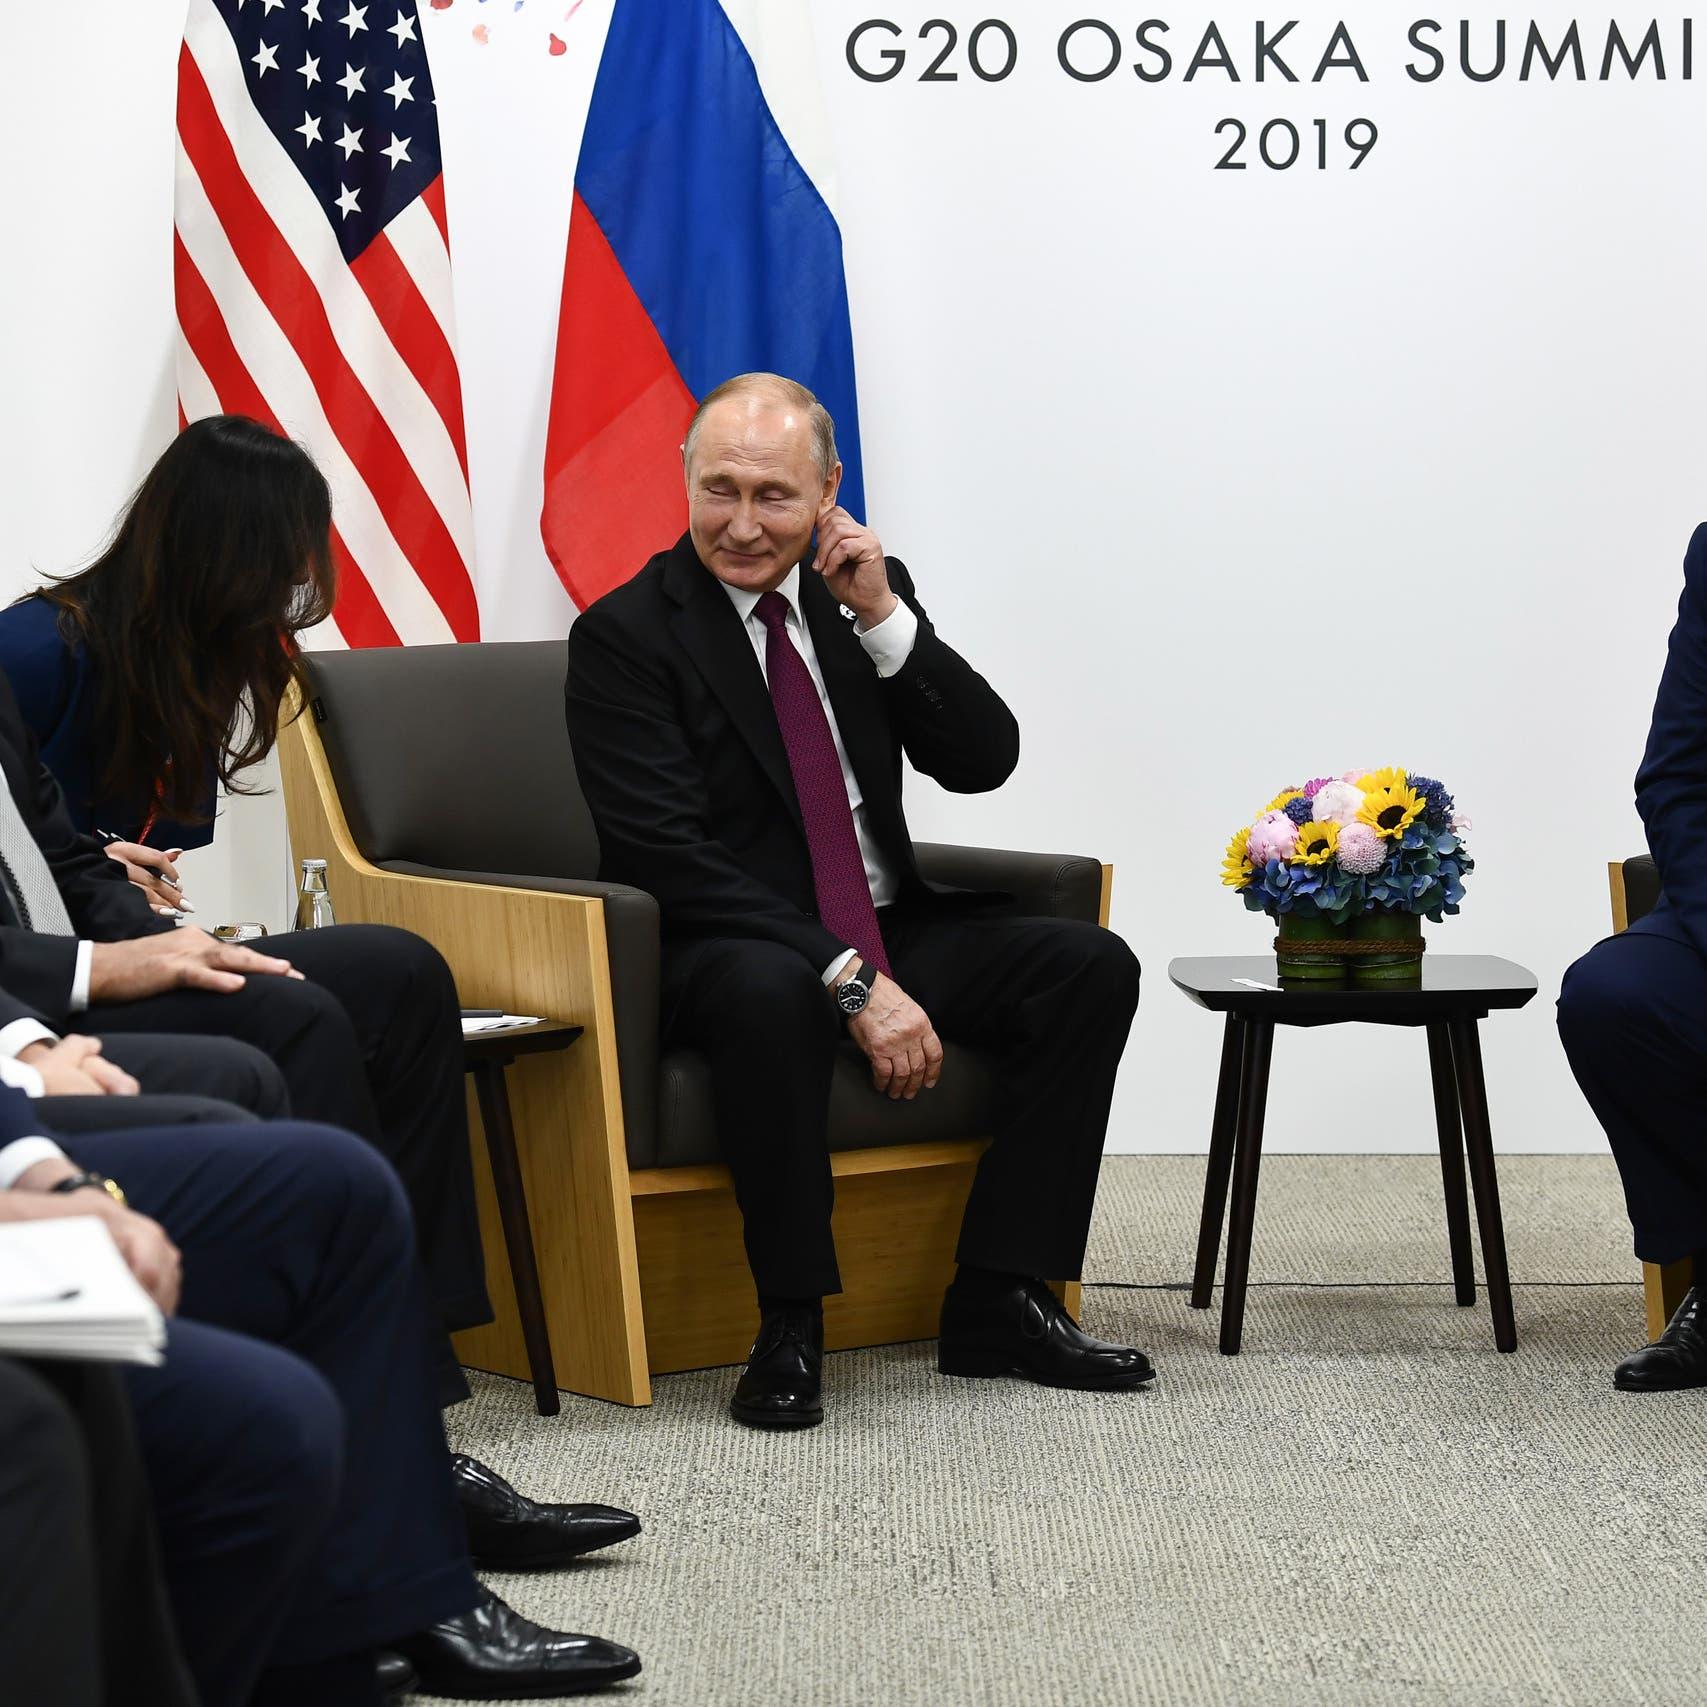 ترمب اقترح على بوتين تكثيف الحوار المتبادل